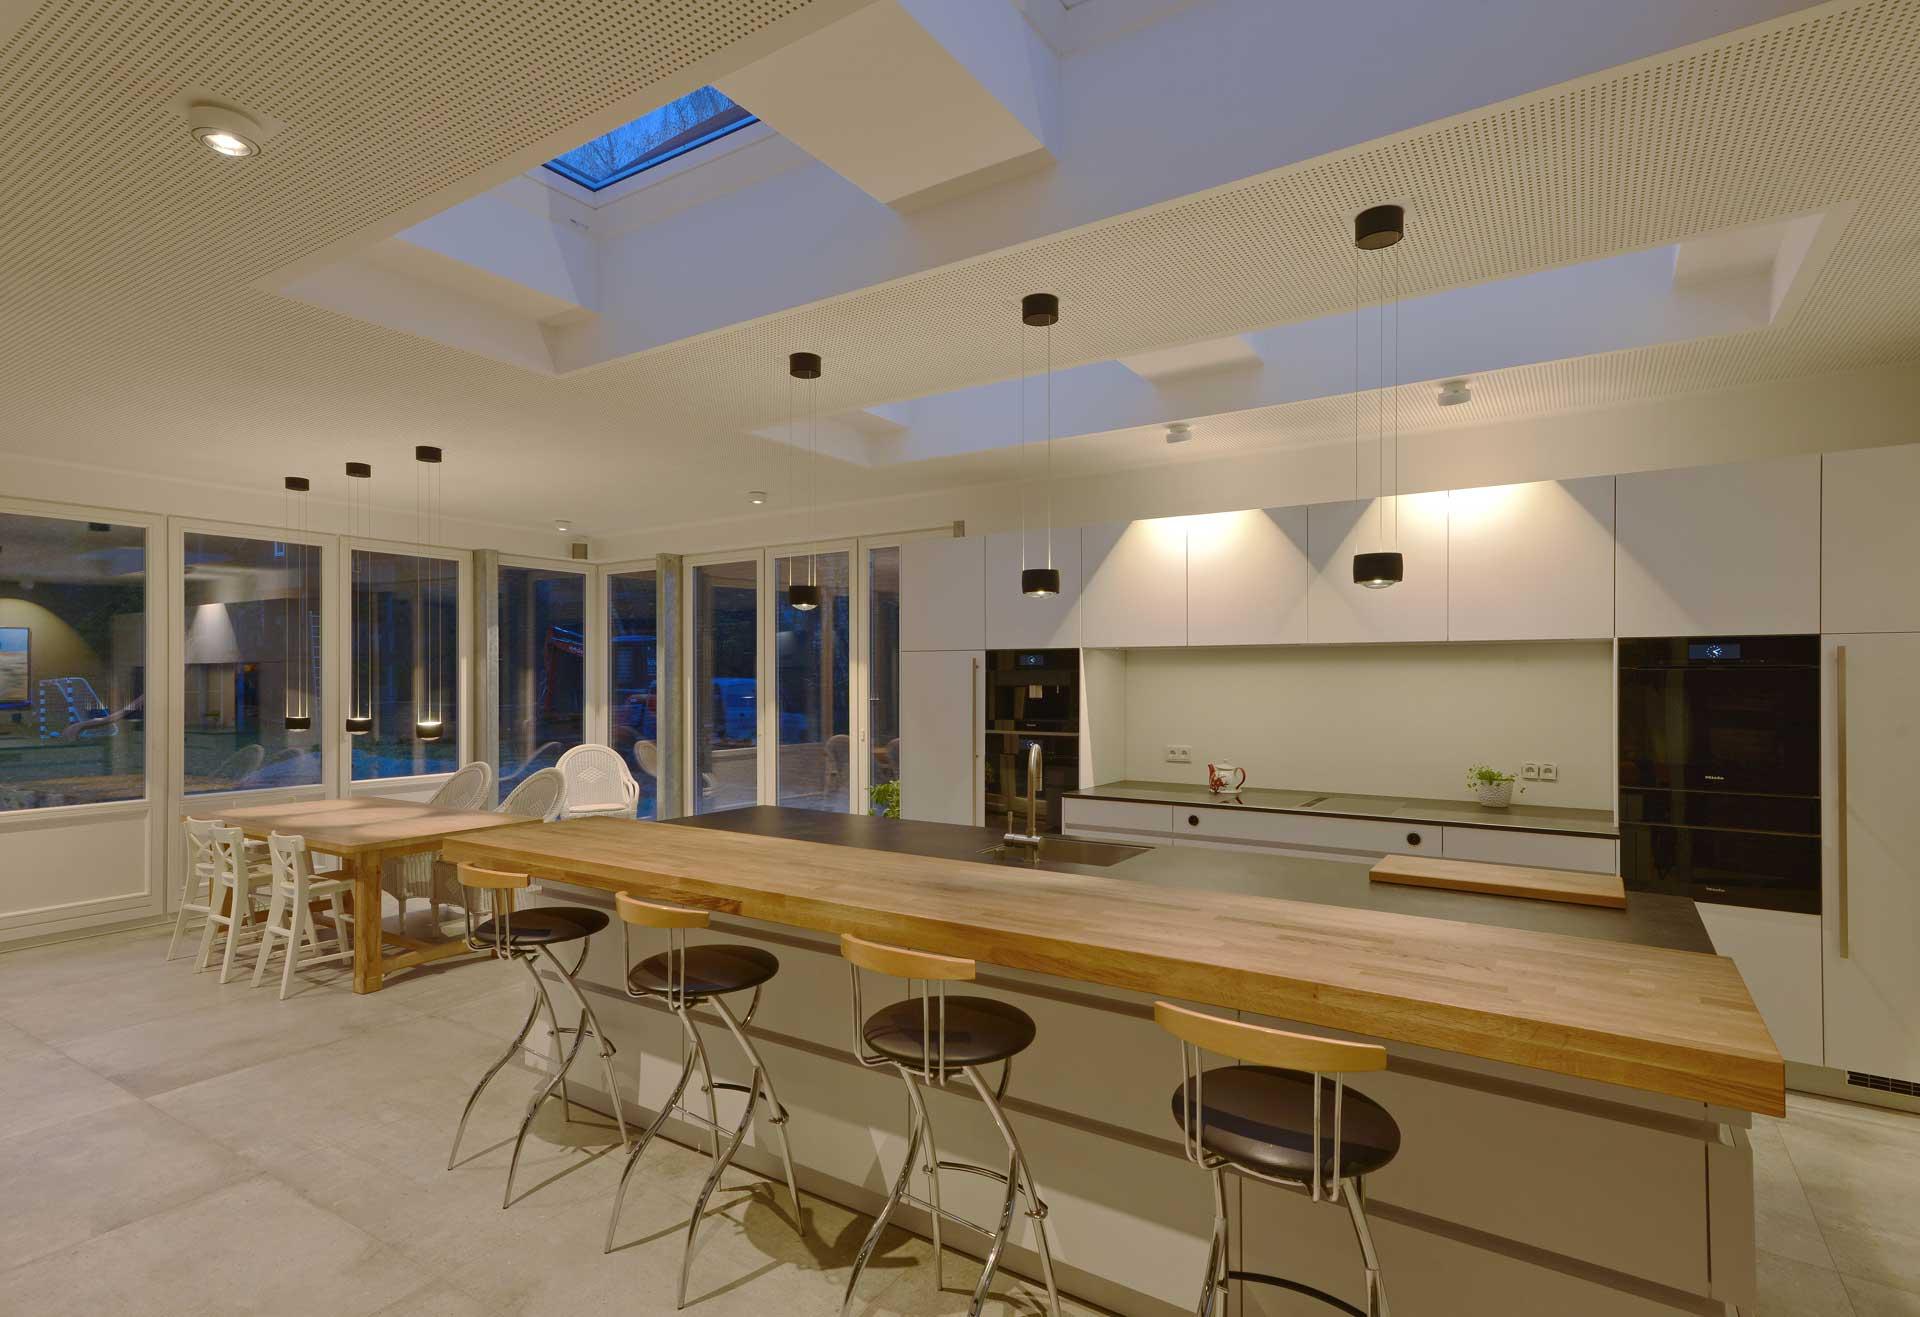 Lichtwirkung in Wohnhausküche mit brilliant wirkendem Lichtkonzept